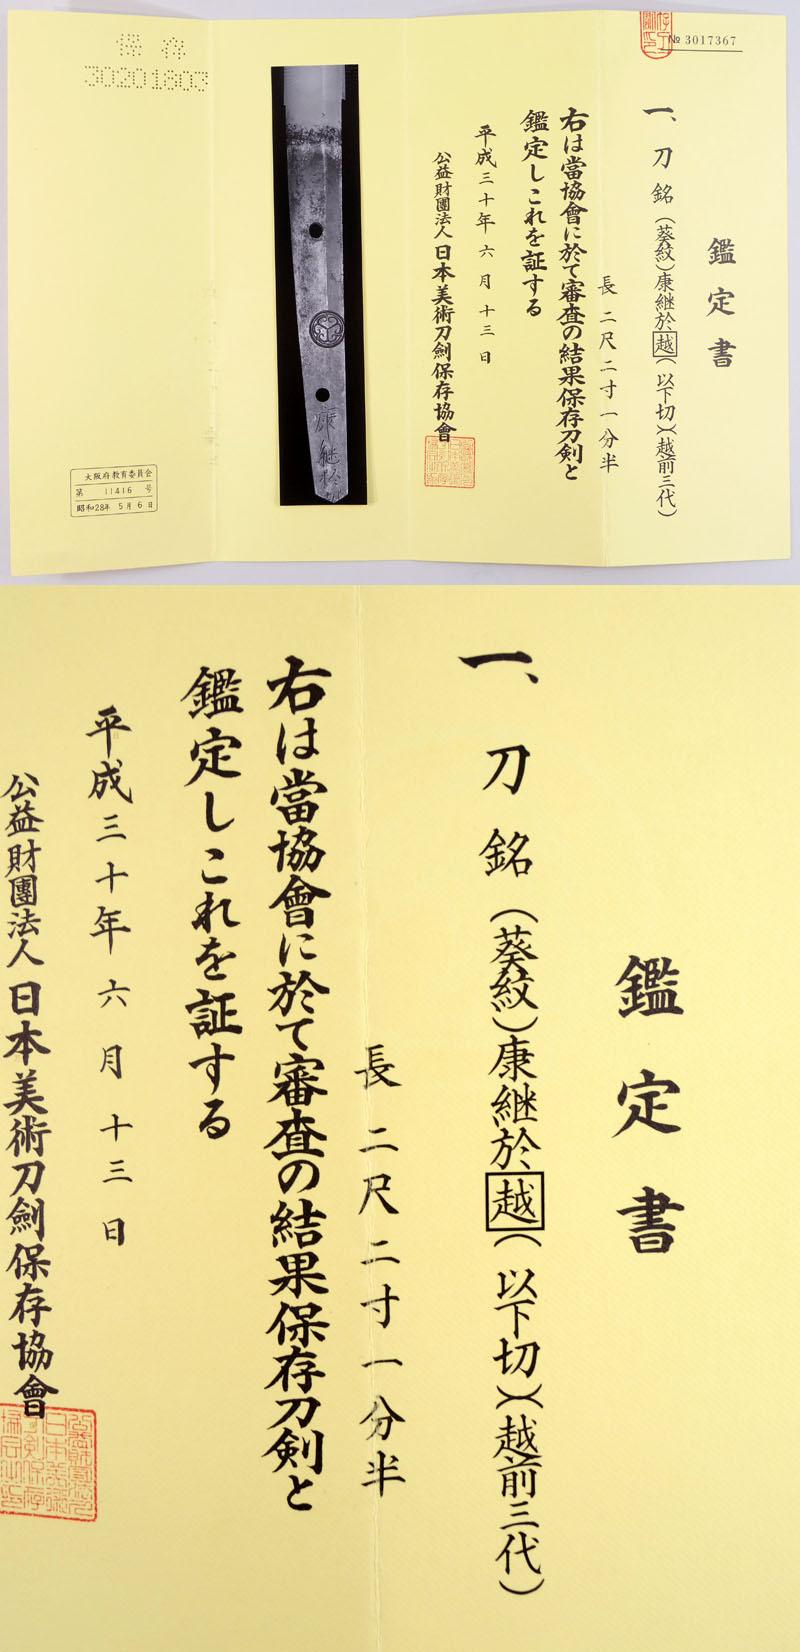 康継於越(以下切)(越前三代) Picture of Certificate